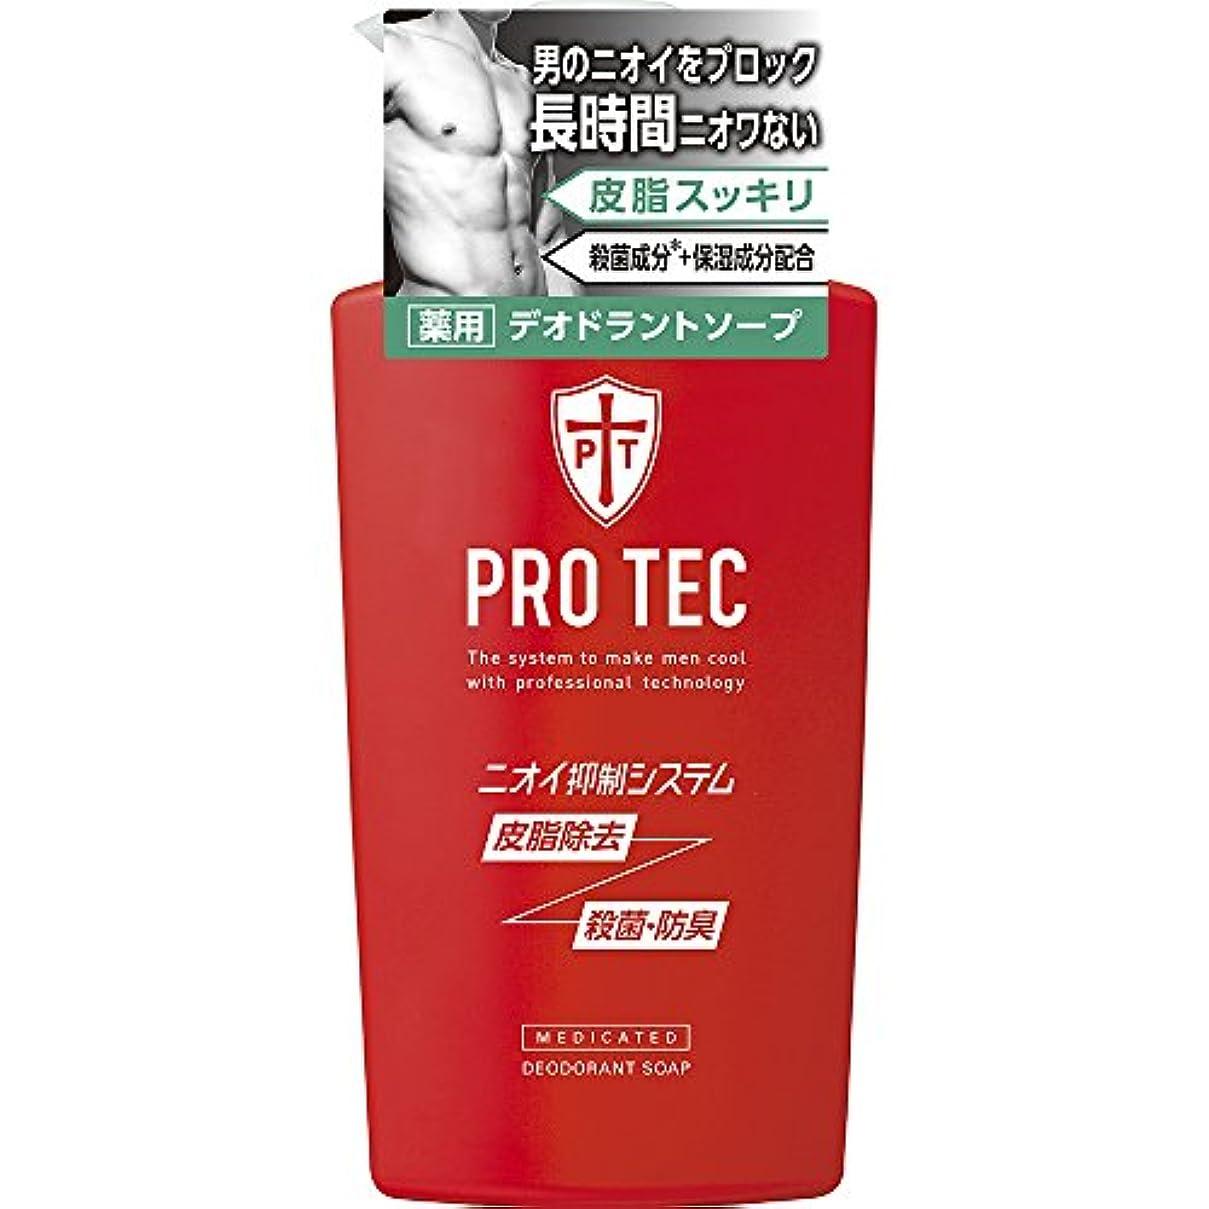 ウナギ最大臭いPRO TEC(プロテク) デオドラントソープ 本体ポンプ 420ml